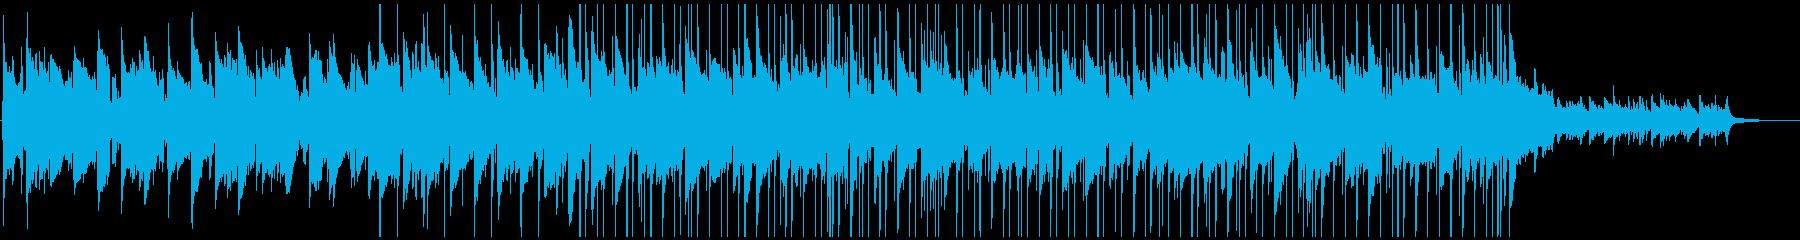 秋らしいロックバラードの再生済みの波形